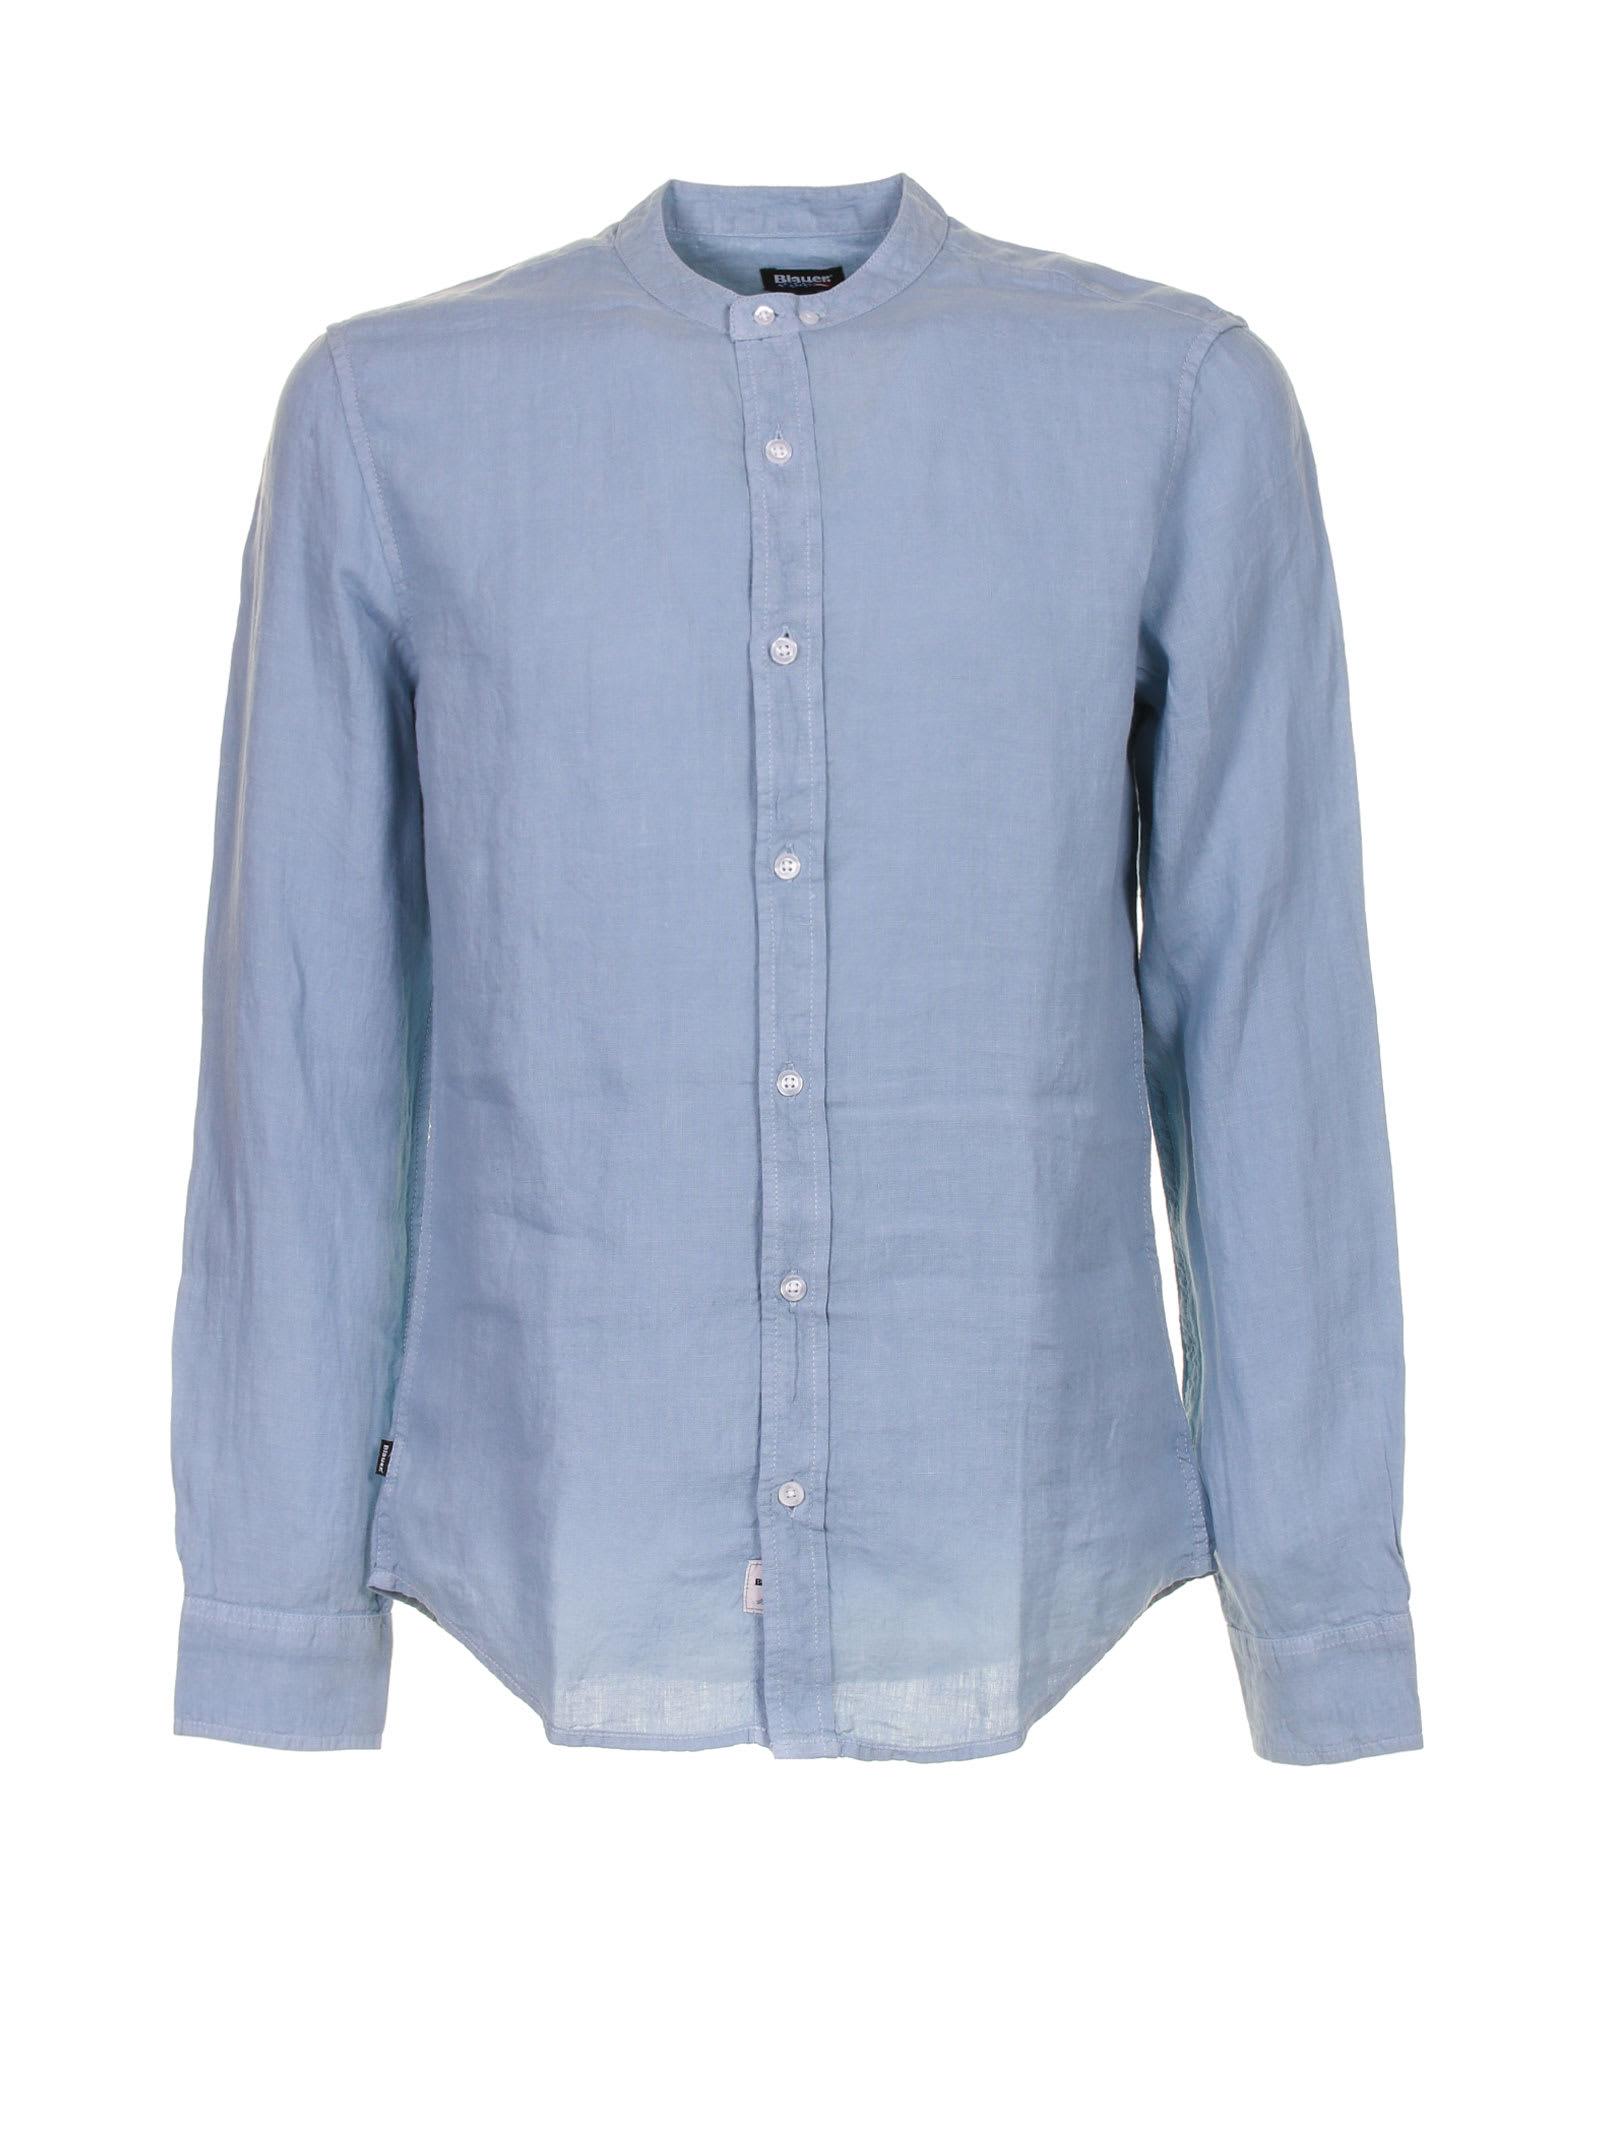 Shirt In Light Blue Linen